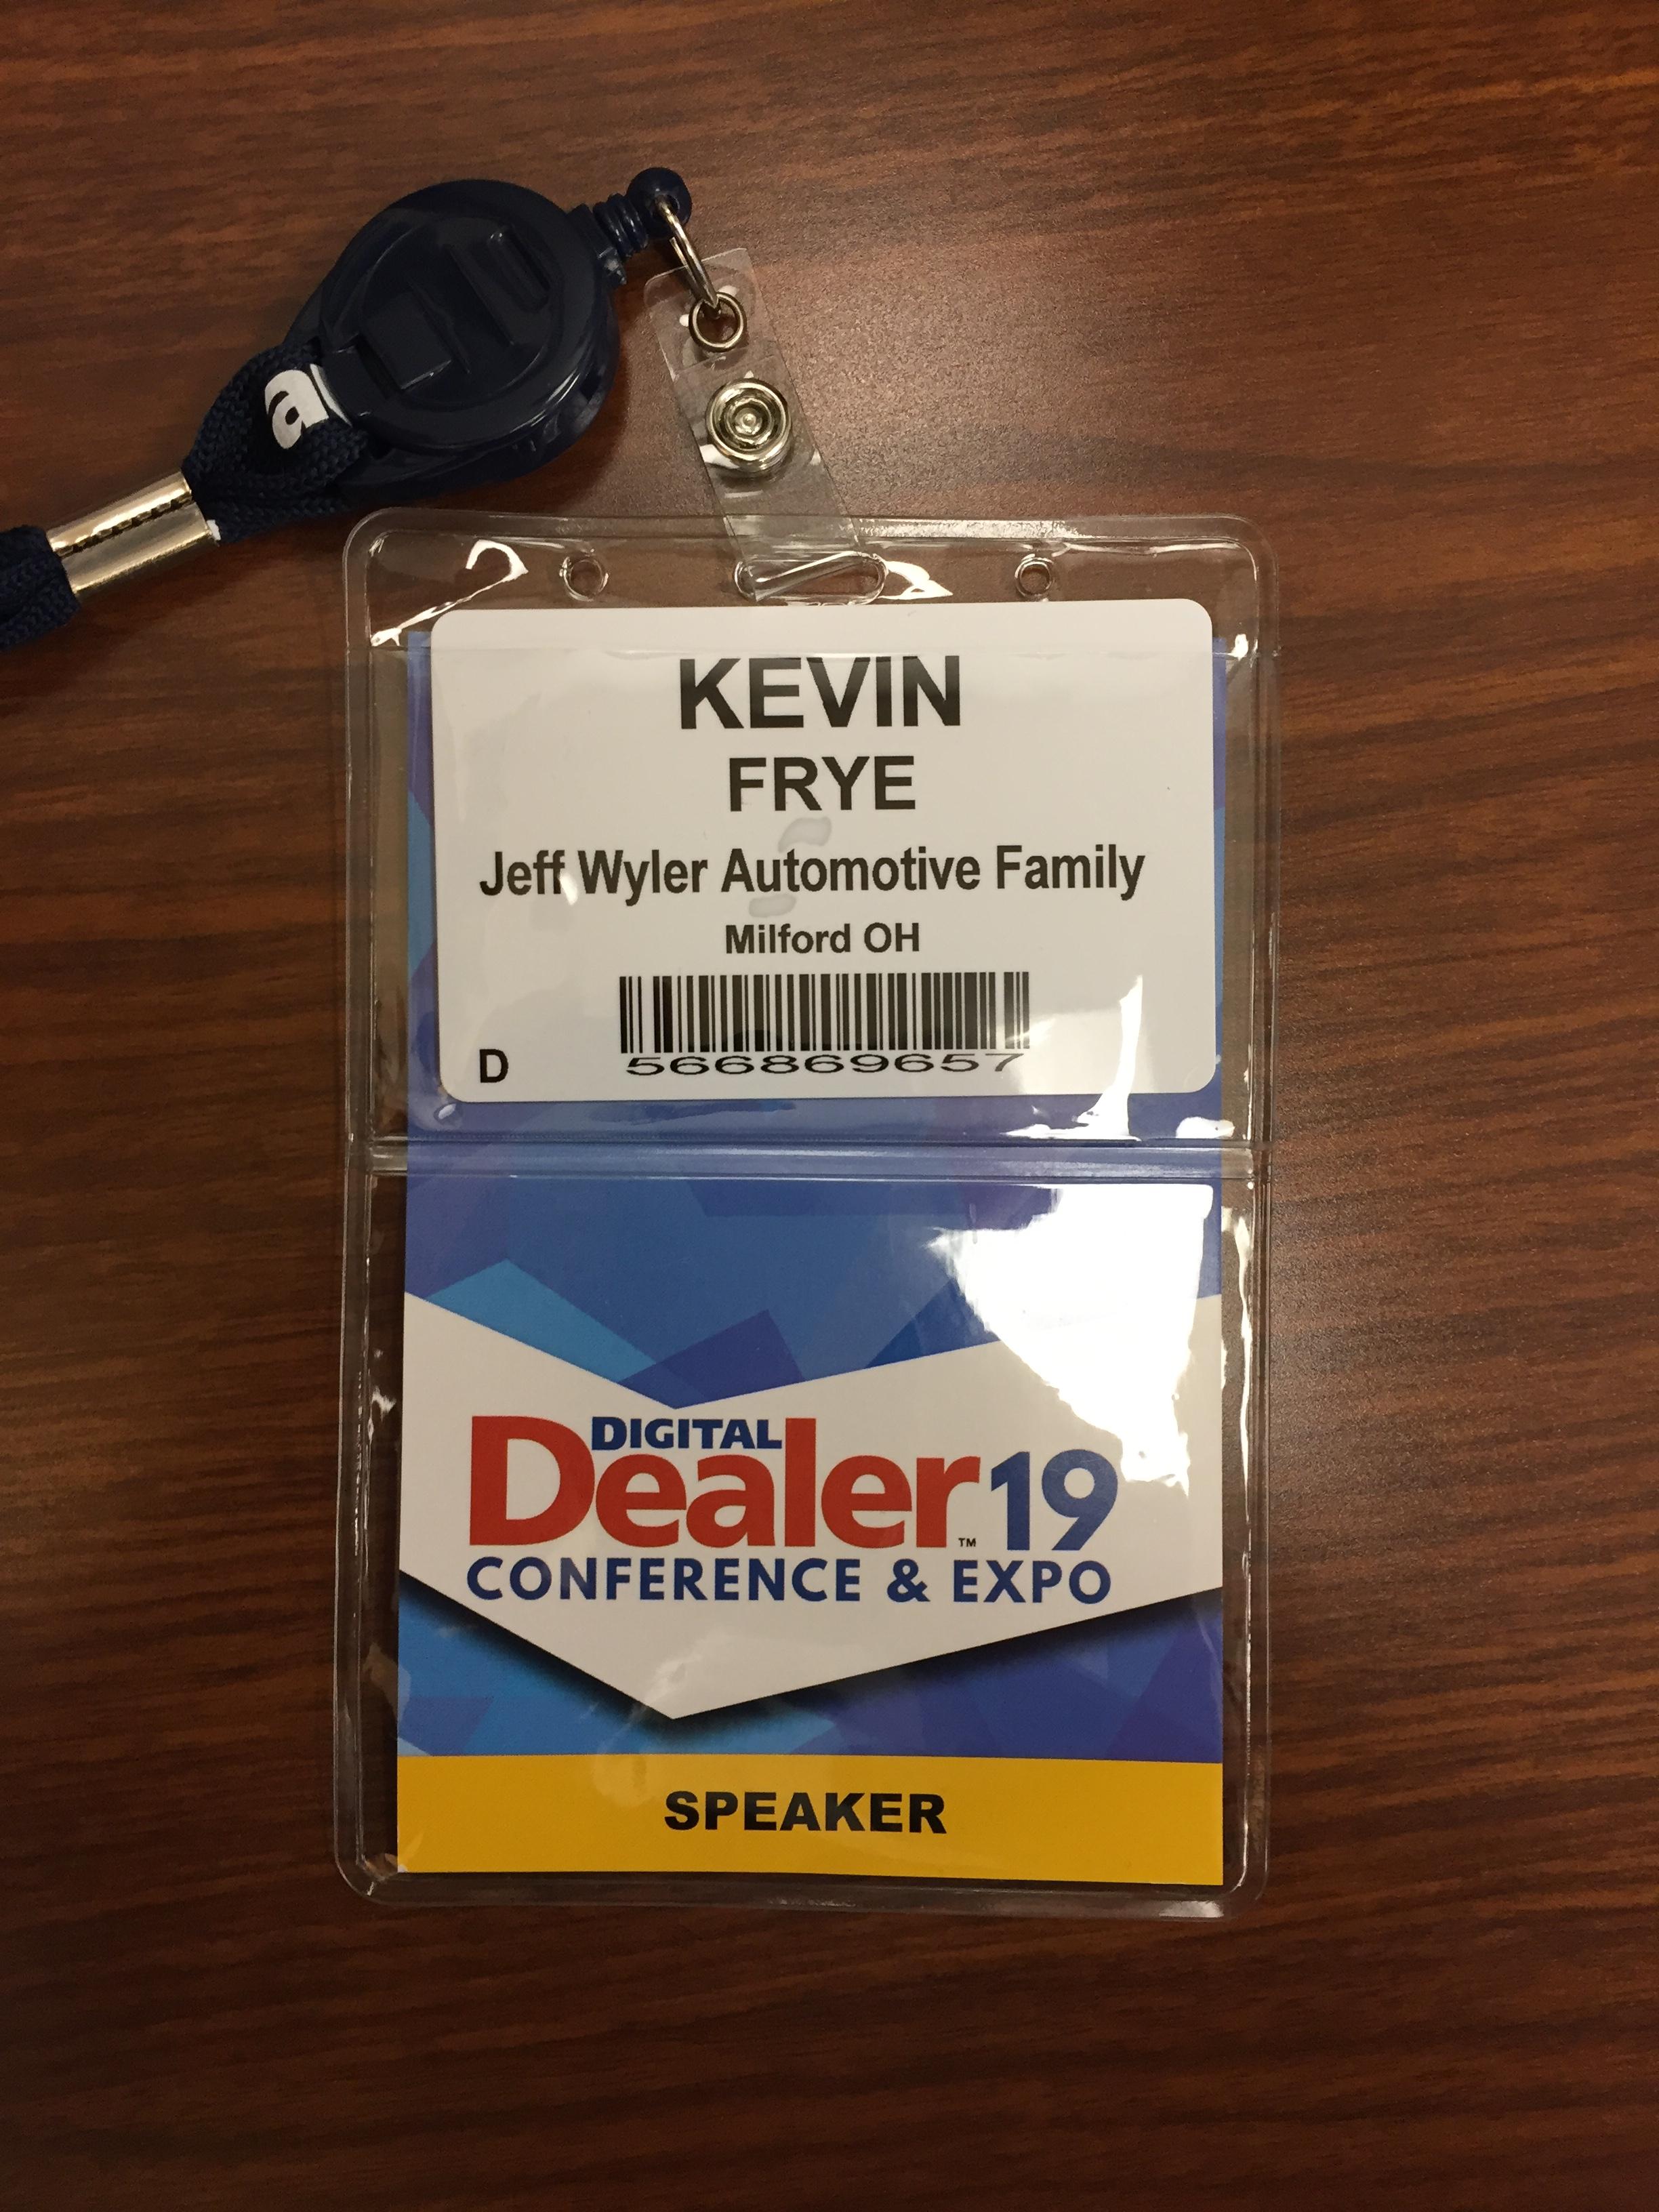 Digital Dealer 19 badge